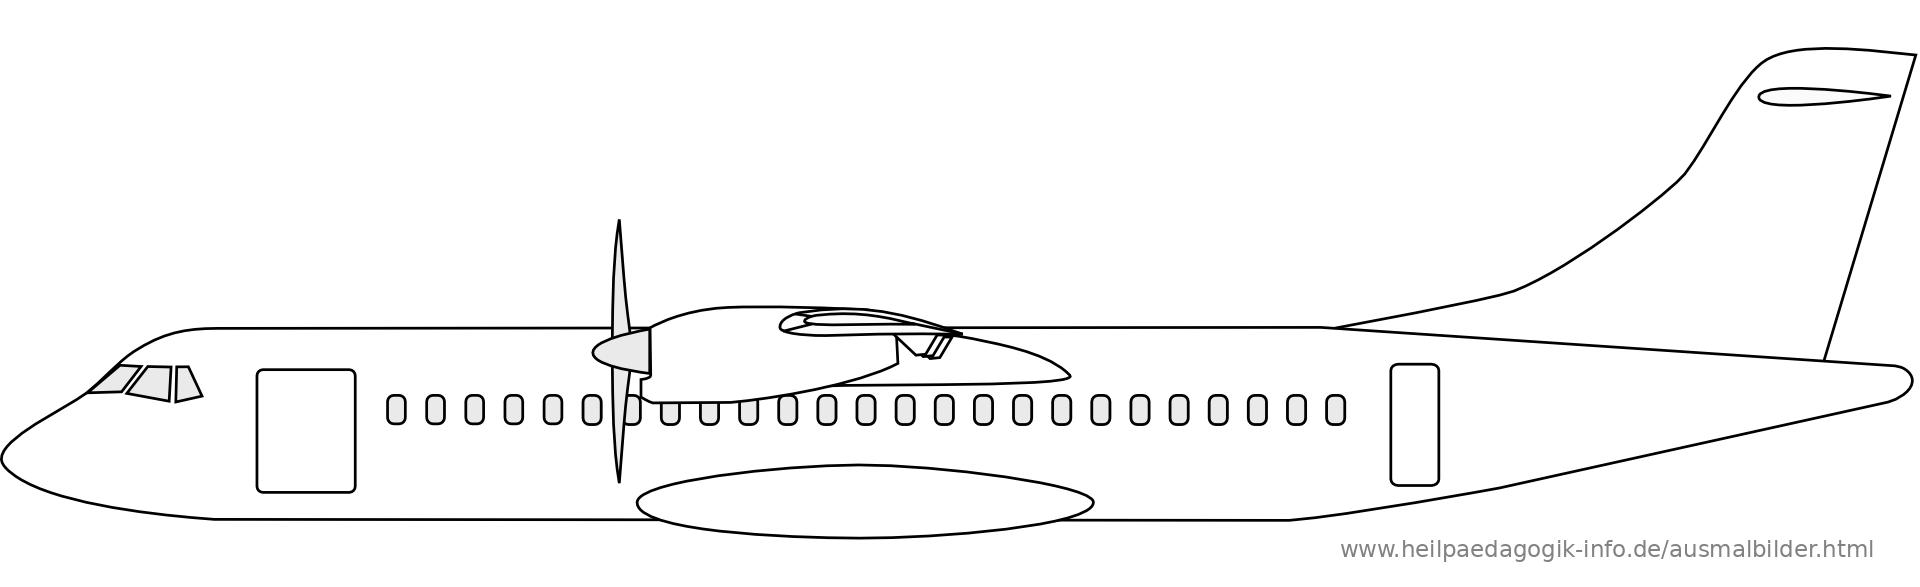 Nett Propellerflugzeug Malvorlagen Fotos - Beispielzusammenfassung ...